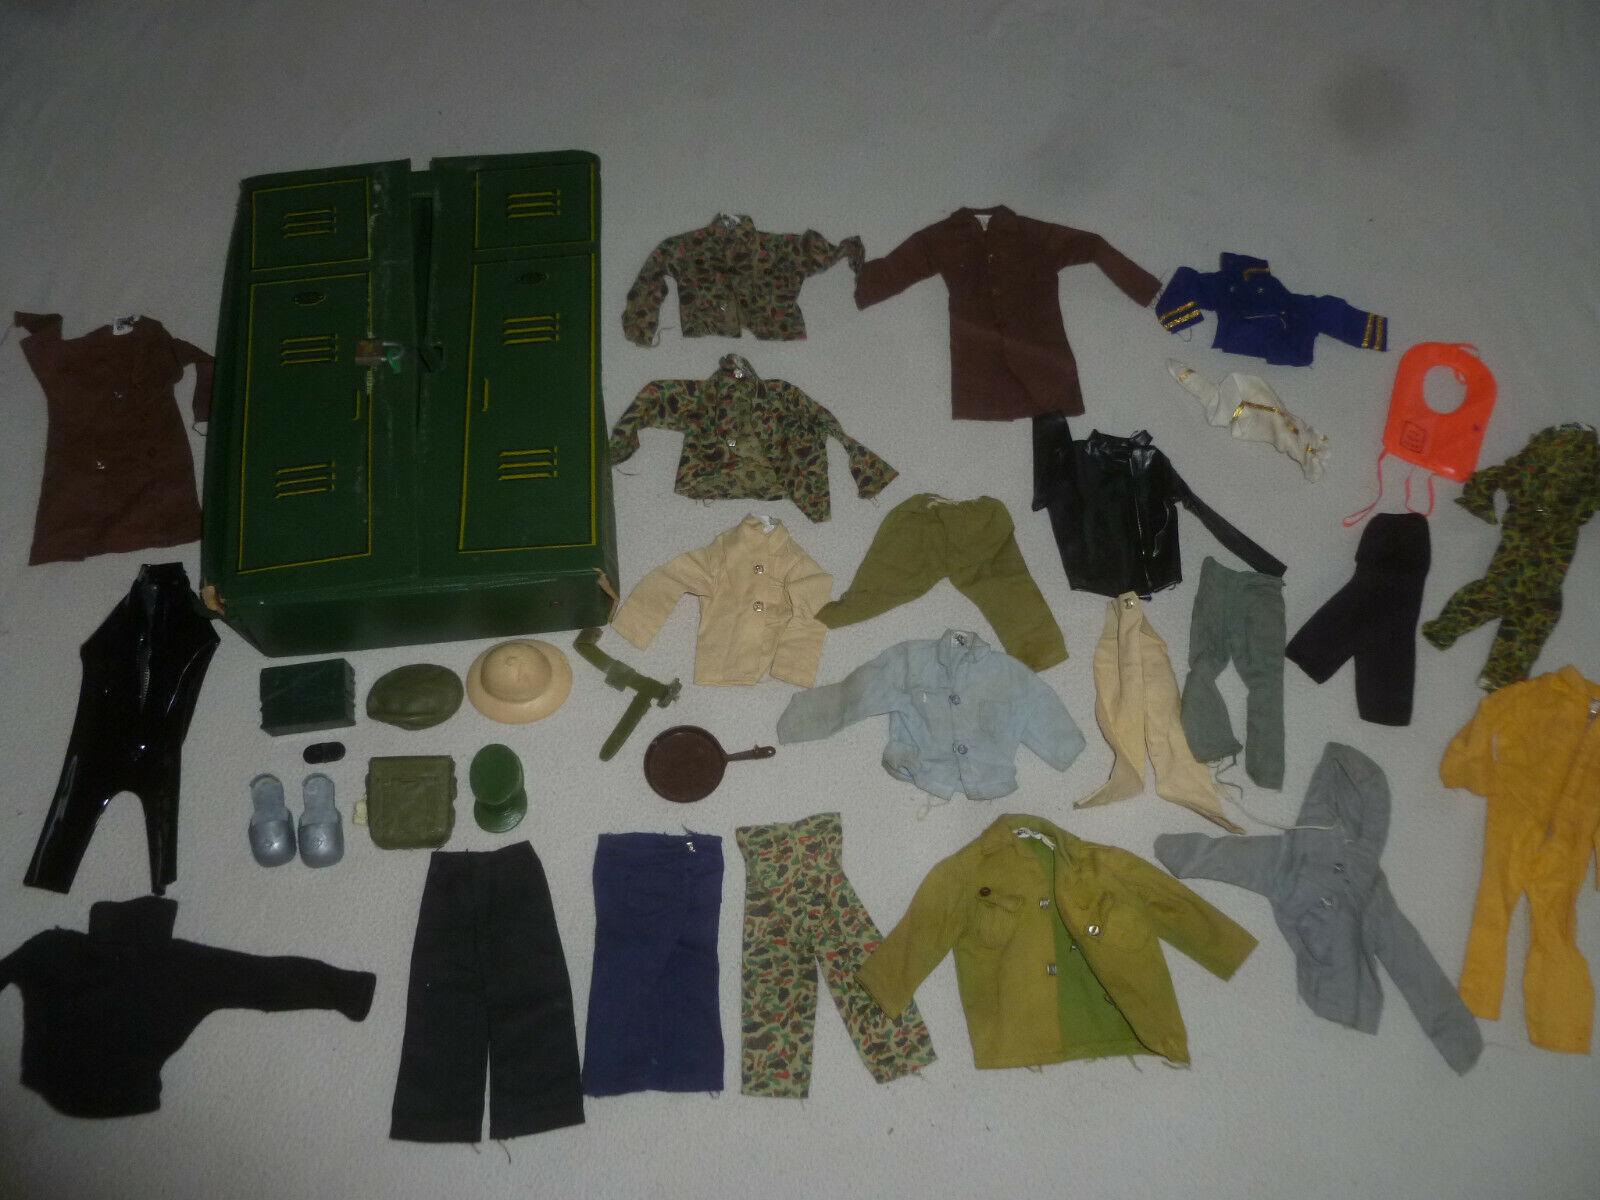 1960S 1970S Gi Joe Ropa Vintage Lote De Camisetas Pantalones Gorras de uniforme Camo Hasbro